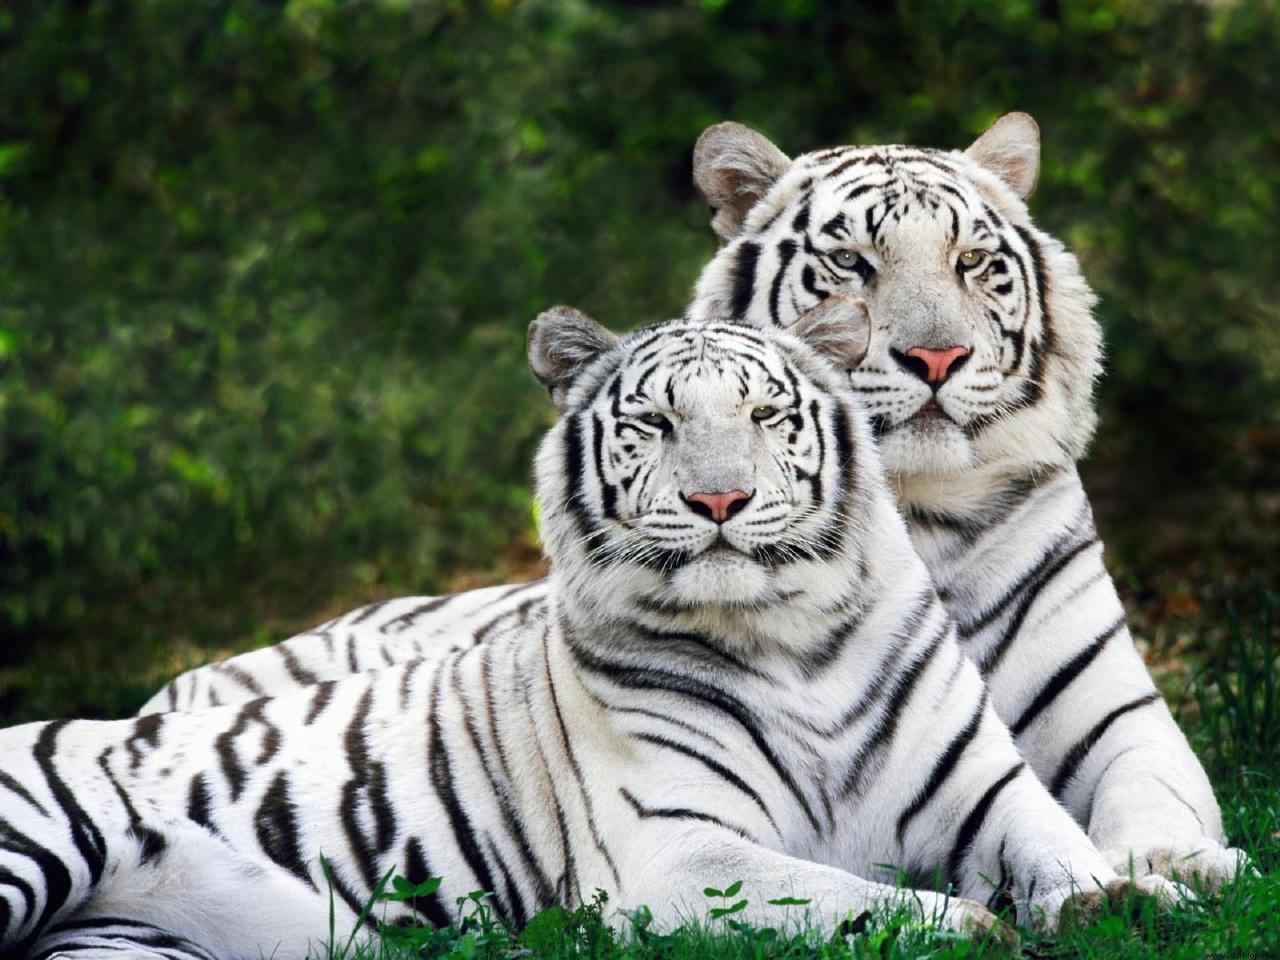 tigre-de-bengala-branco